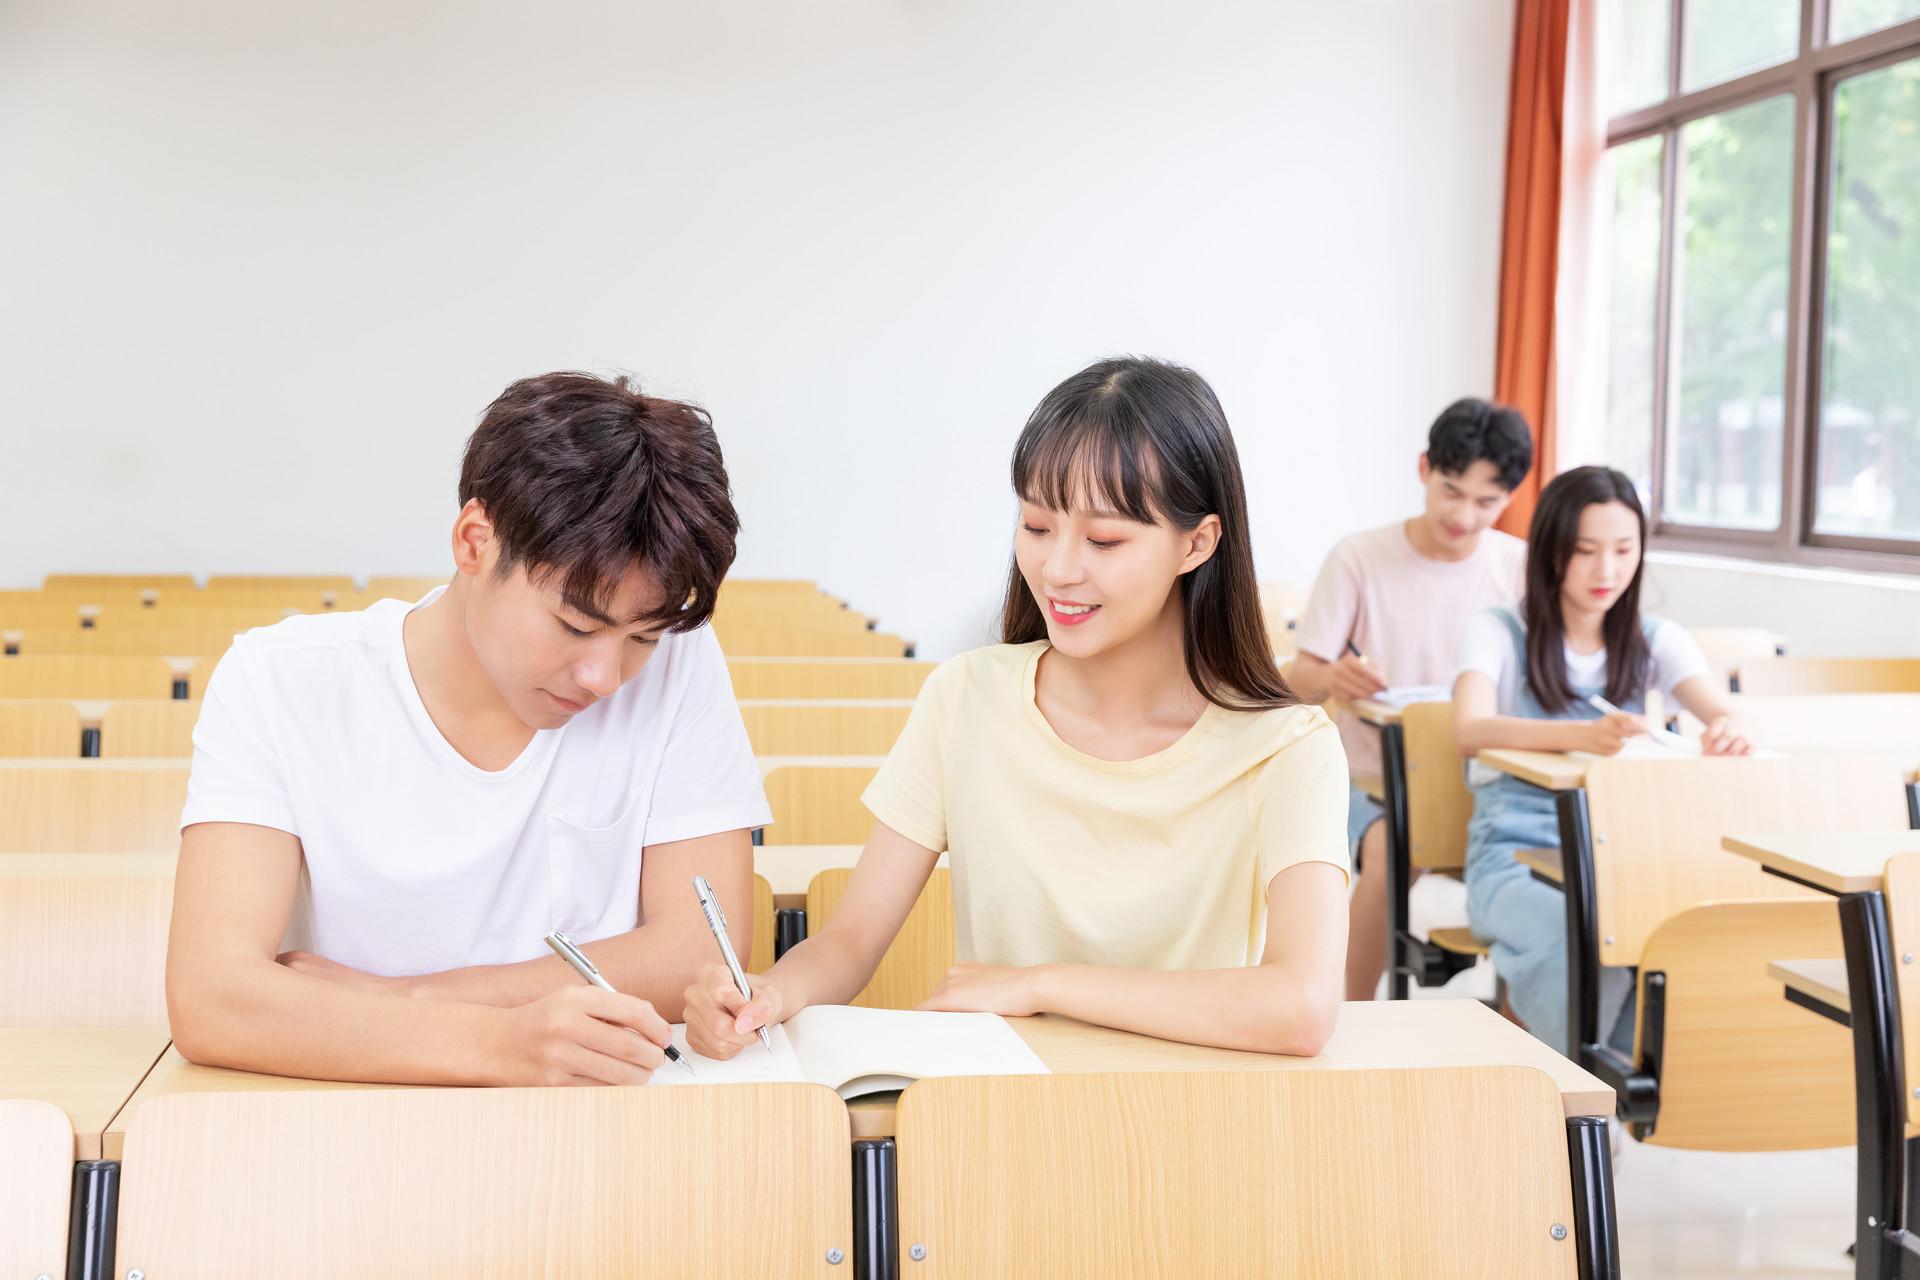 镇江润州区英语四级培训班多少钱